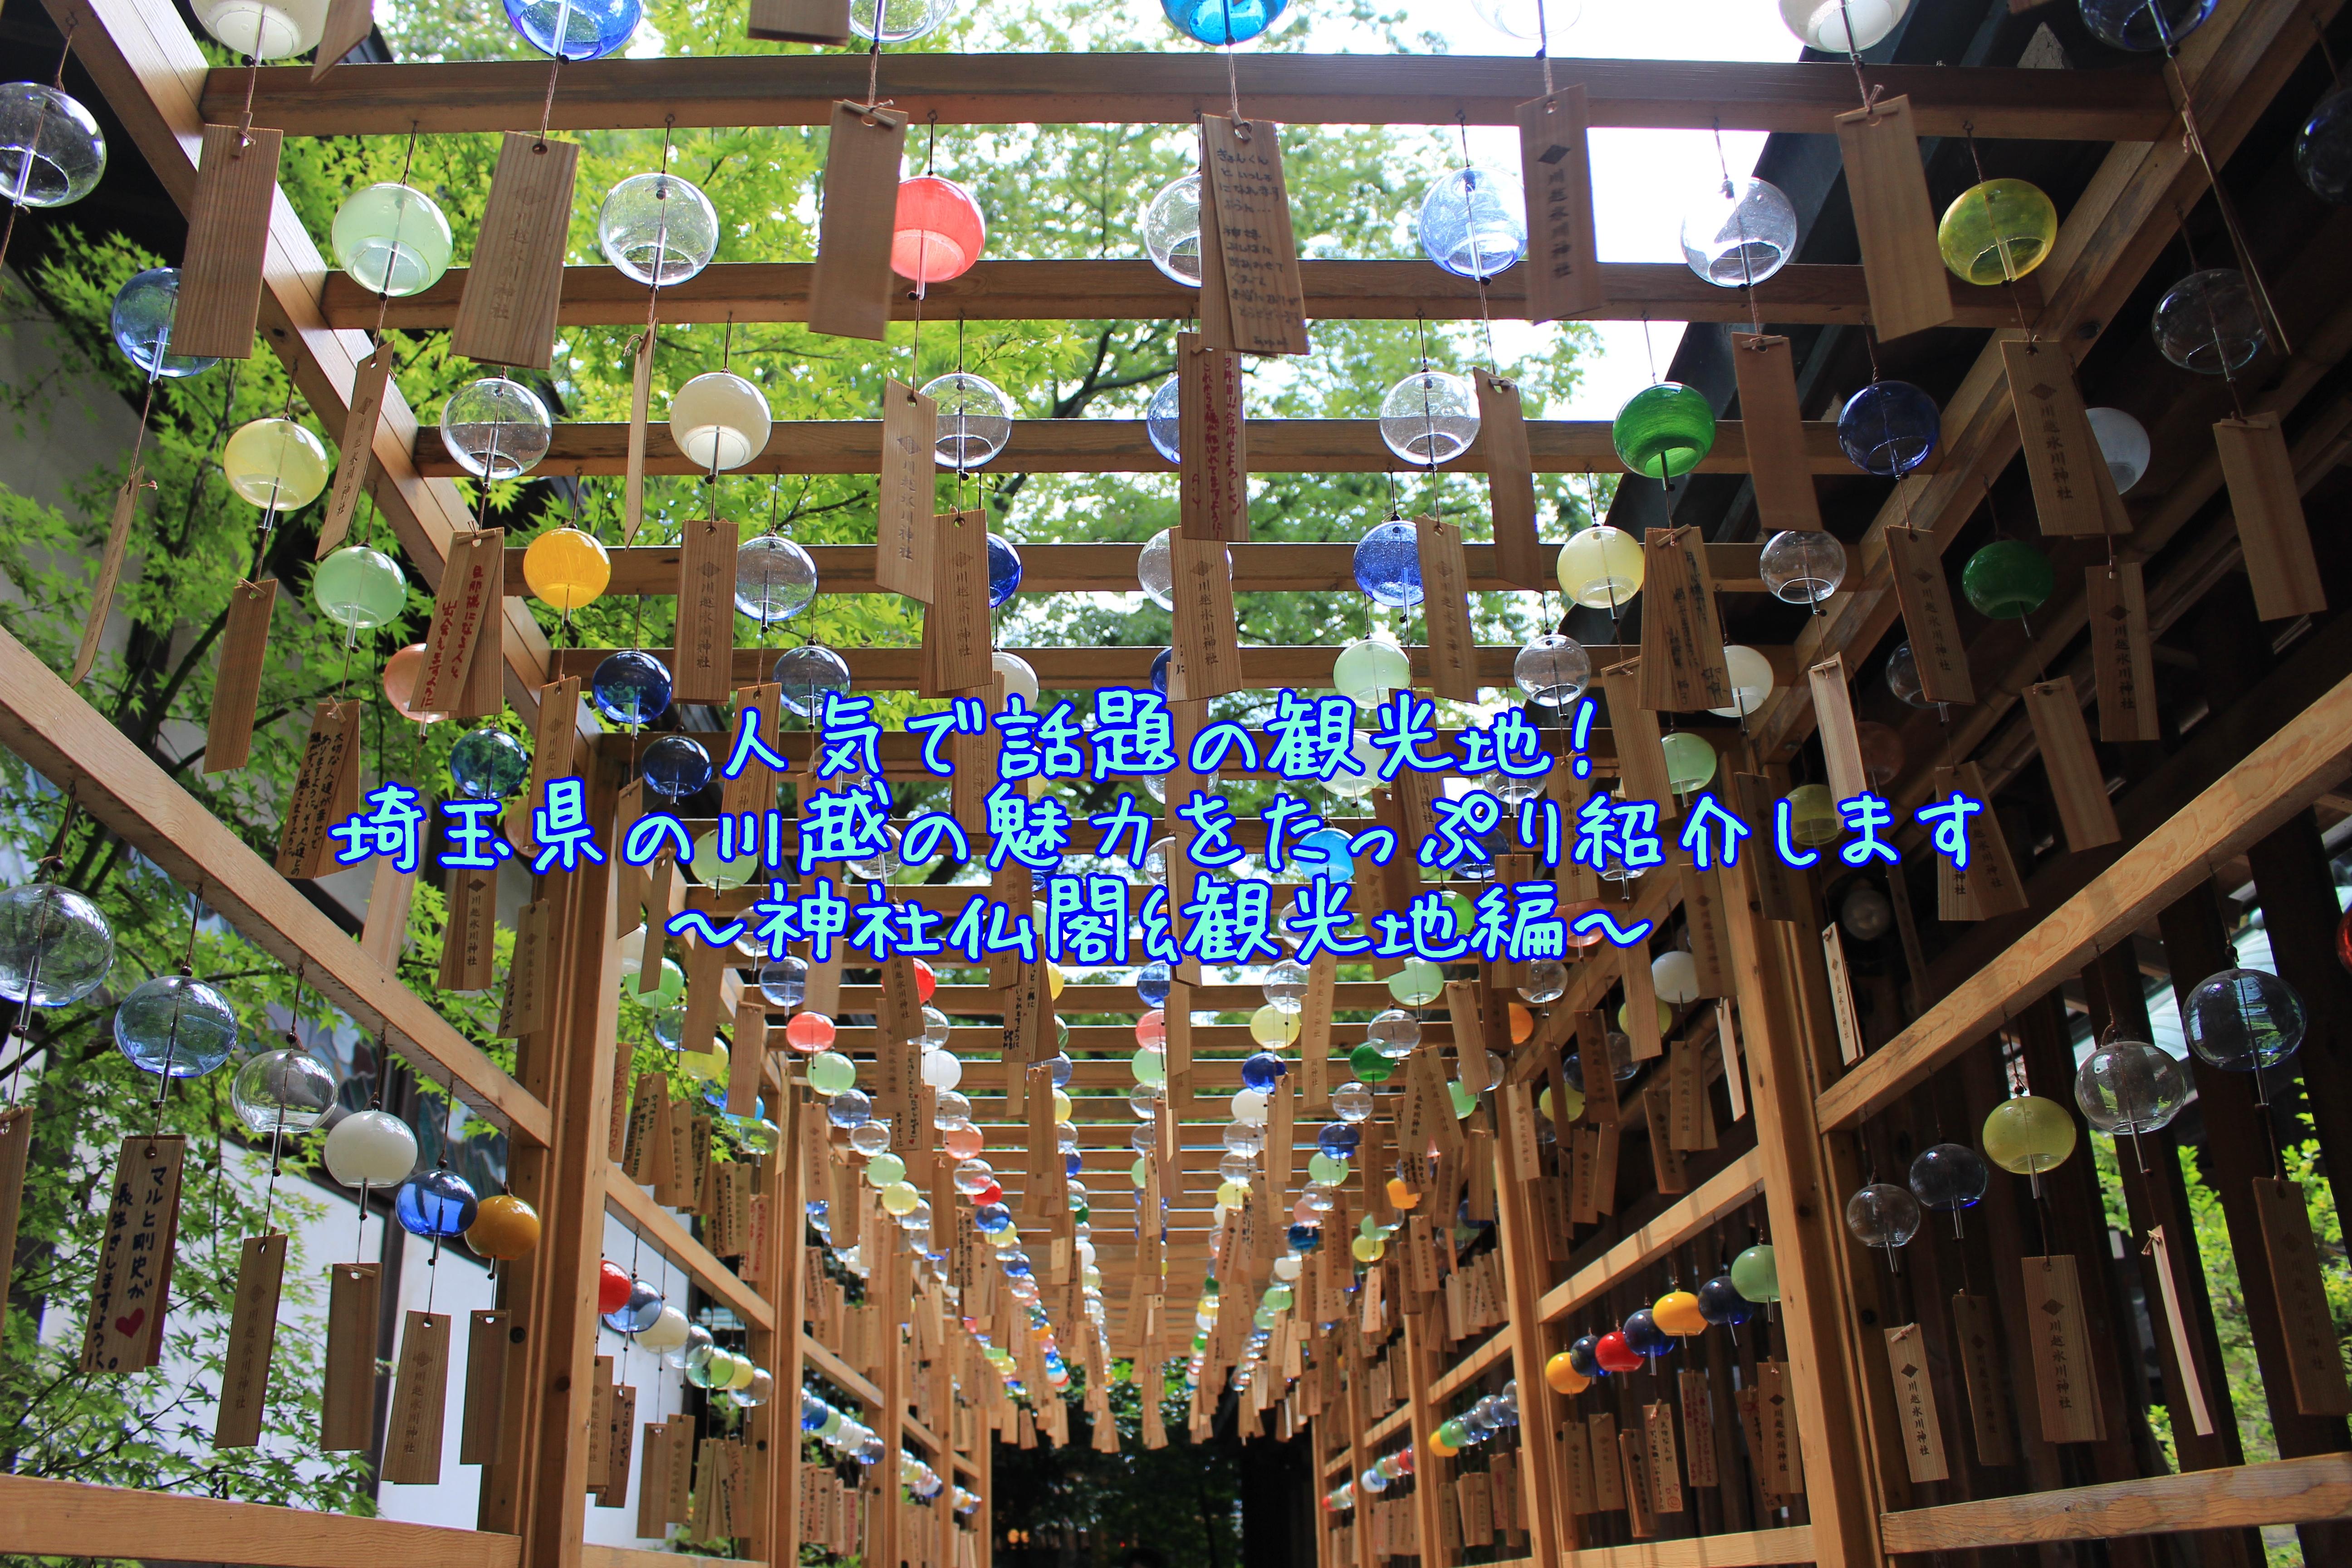 人気で話題の観光地!埼玉県の川越の魅力をたっぷり紹介します【神社仏閣&観光地編】